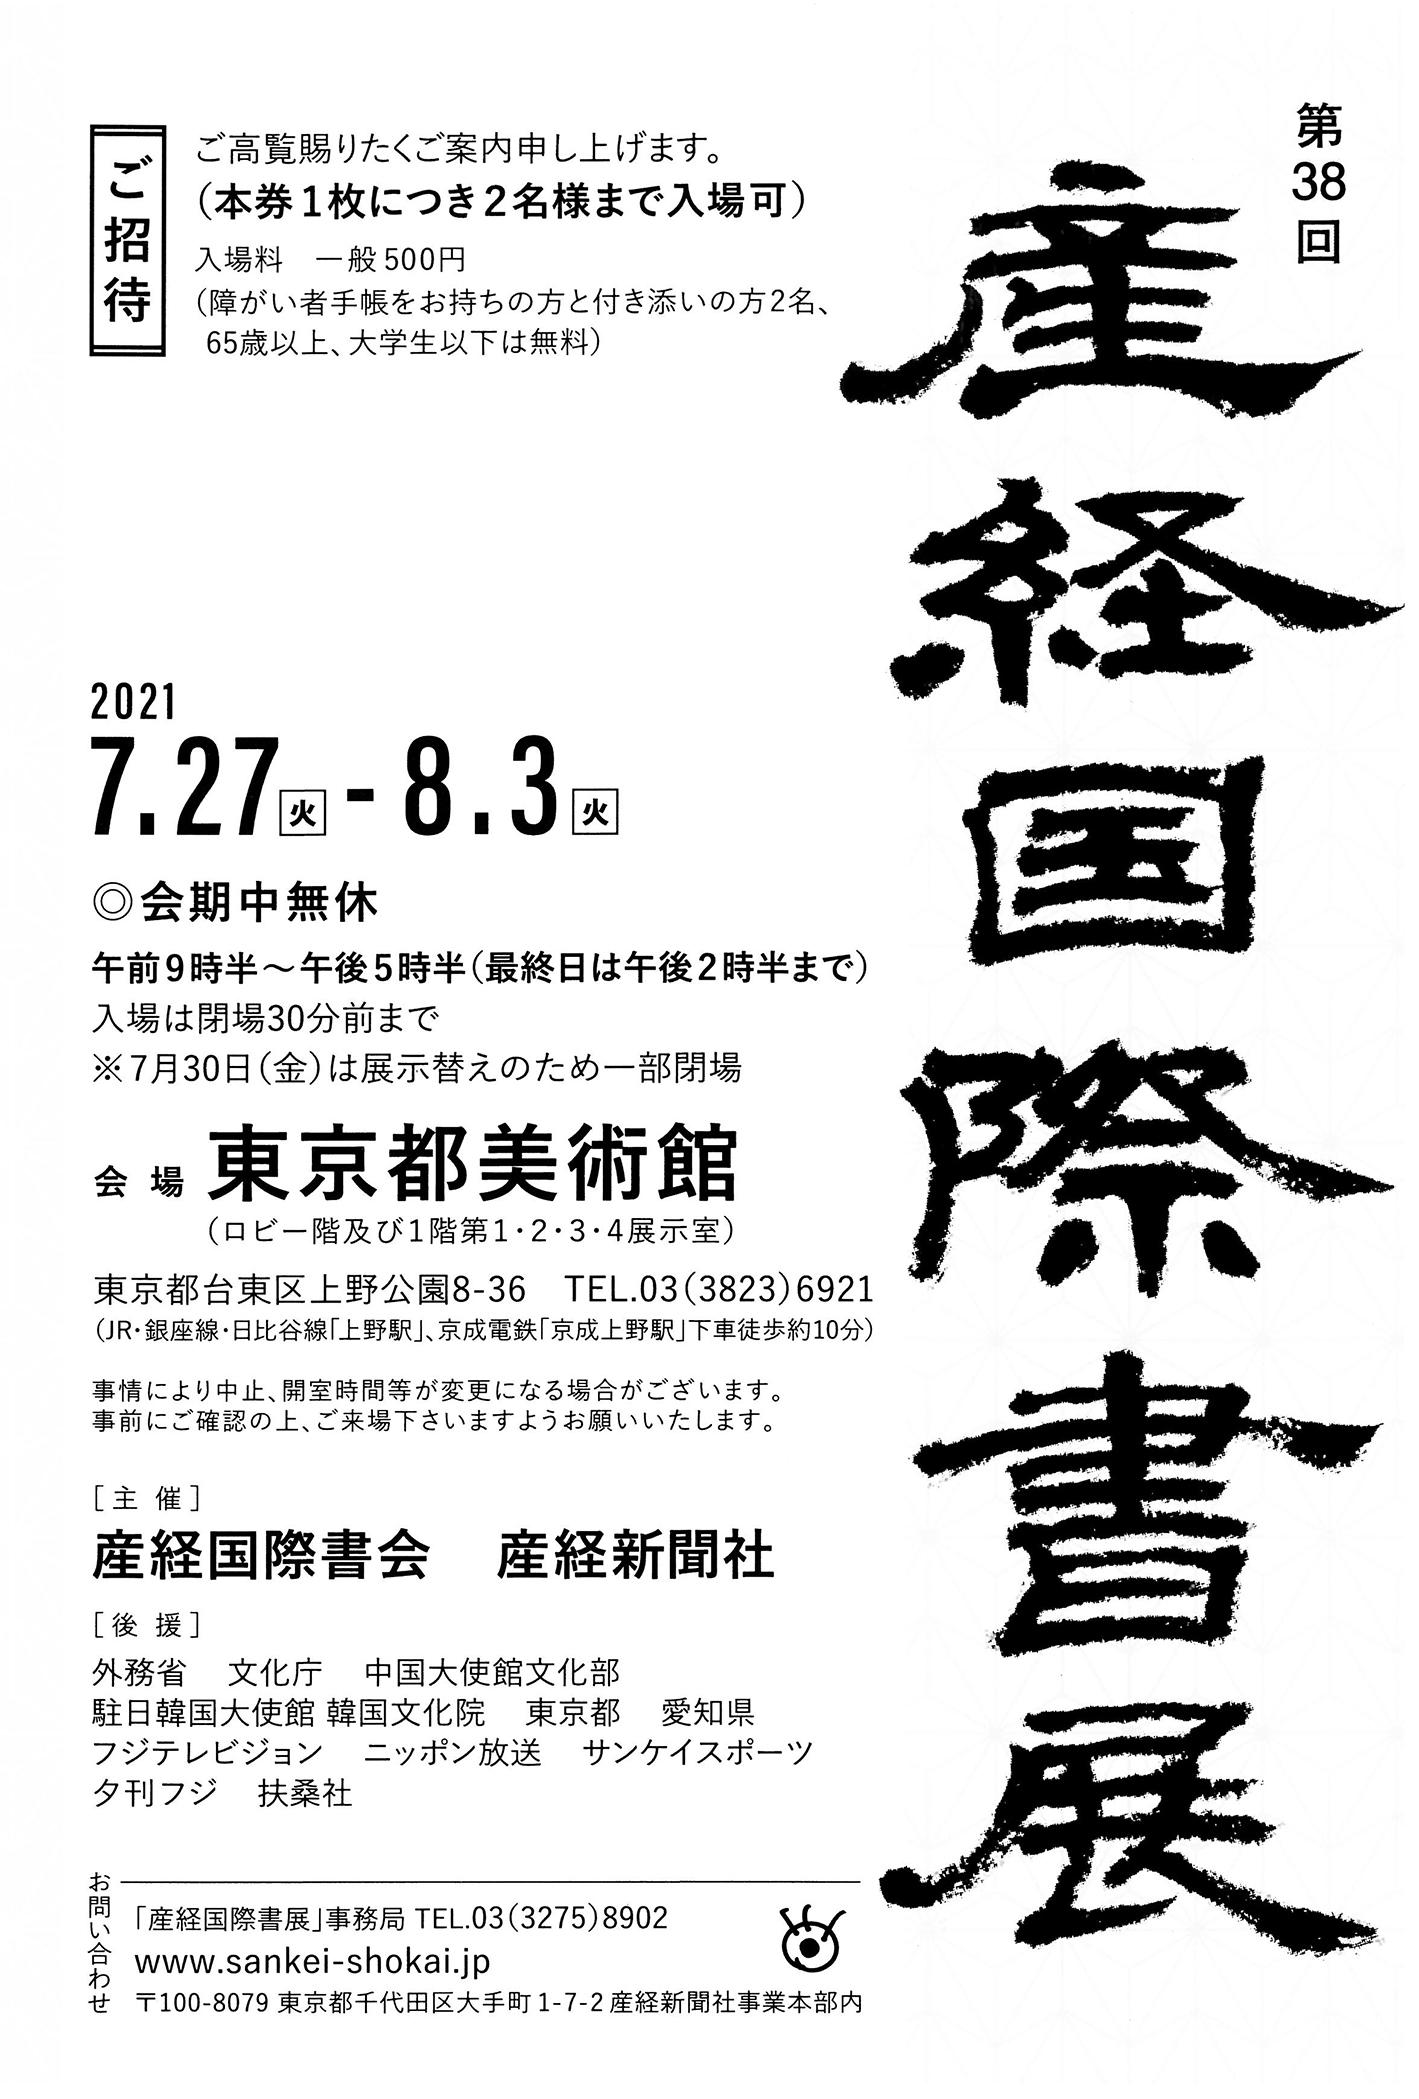 第38回 産経国際書展